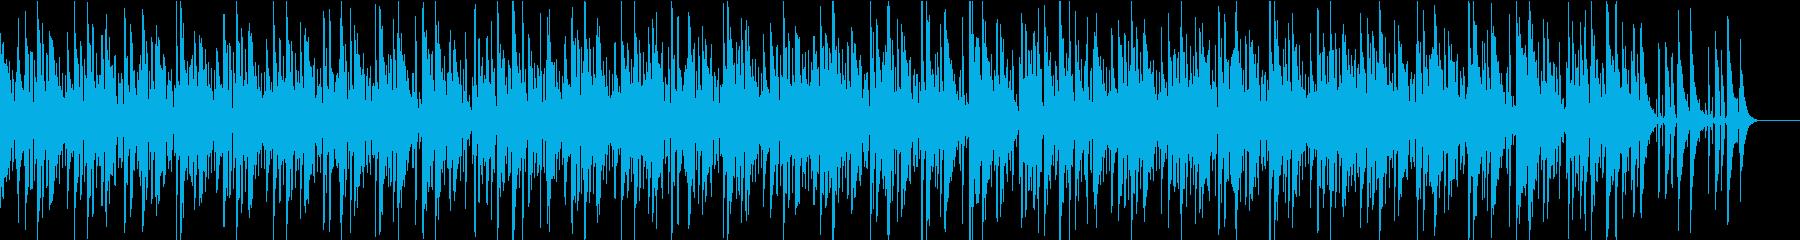 滑らかでスタイリッシュなジャズの再生済みの波形